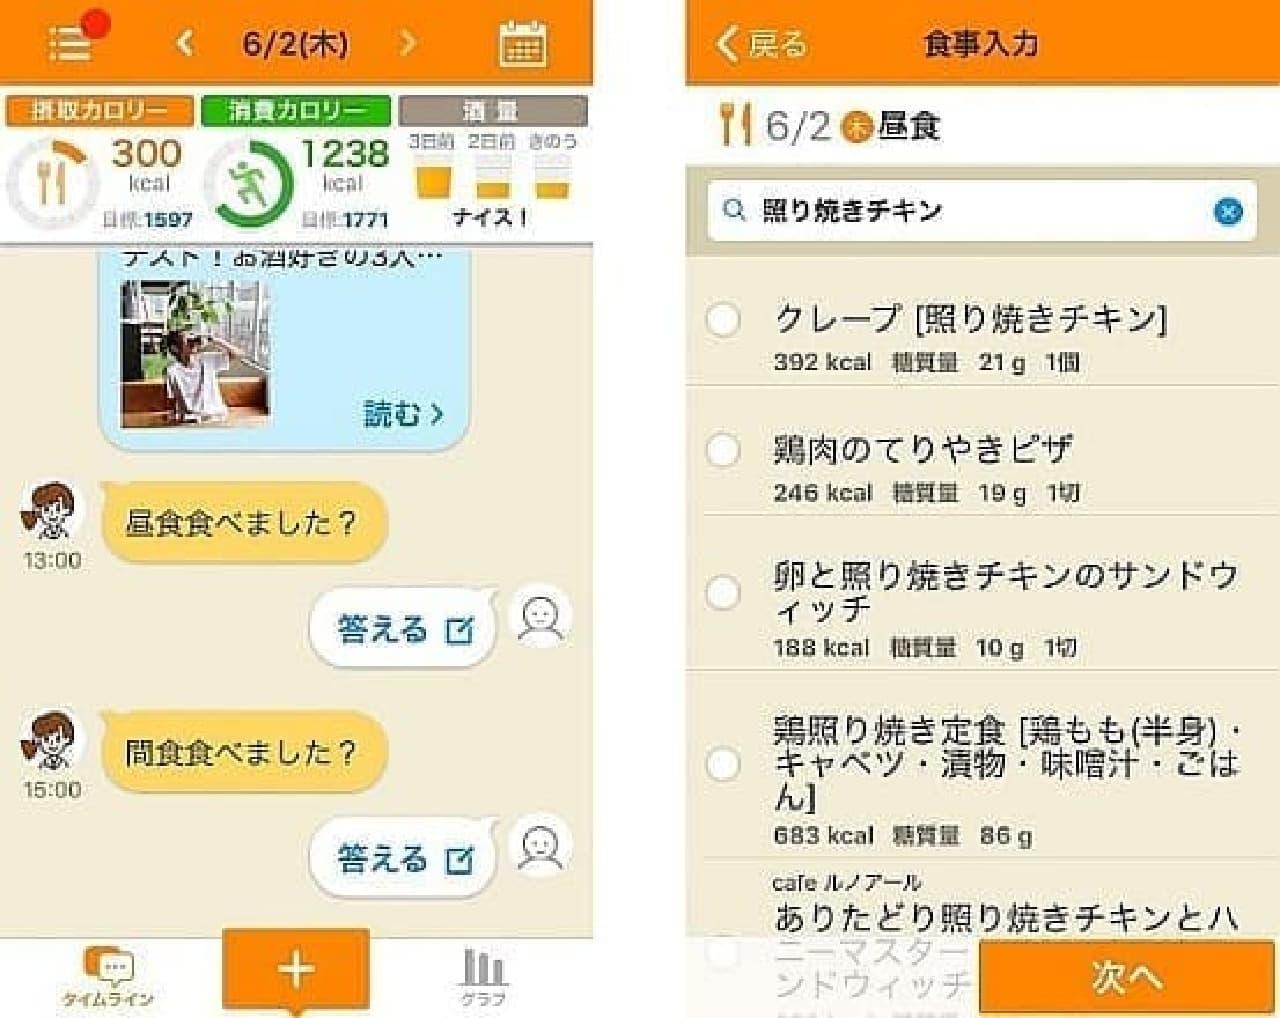 スマホアプリ「KIRIN お酒と食事の健康サポーター」